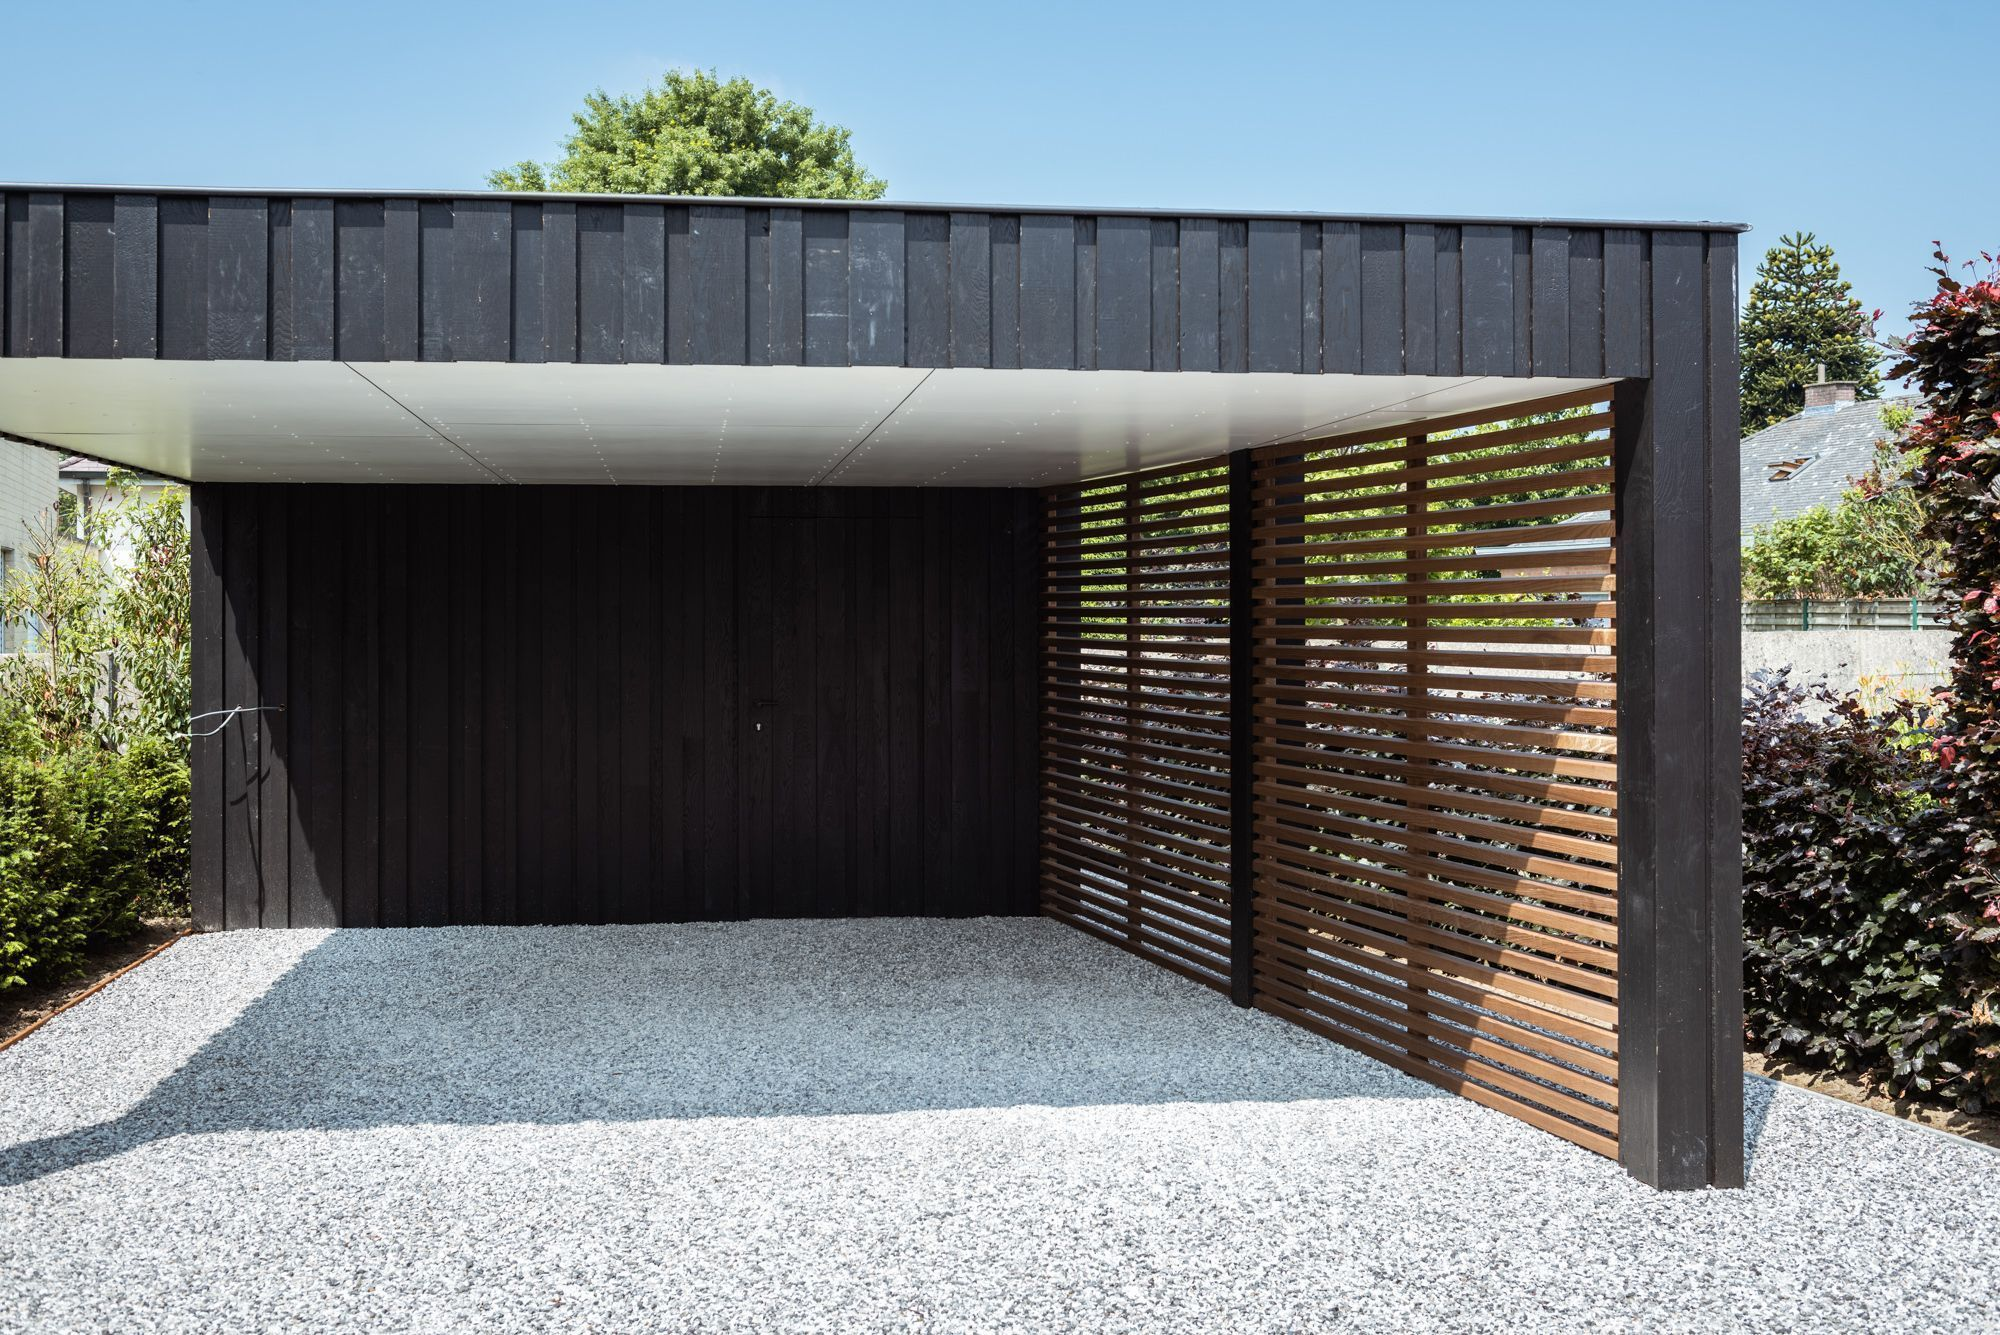 Moderne Houten Carport Functioneel Uniek Tijdloos En Minimalistische Design Modern Wooden Carport Functi In 2020 Carport Designs Garage Door Design Garage Design